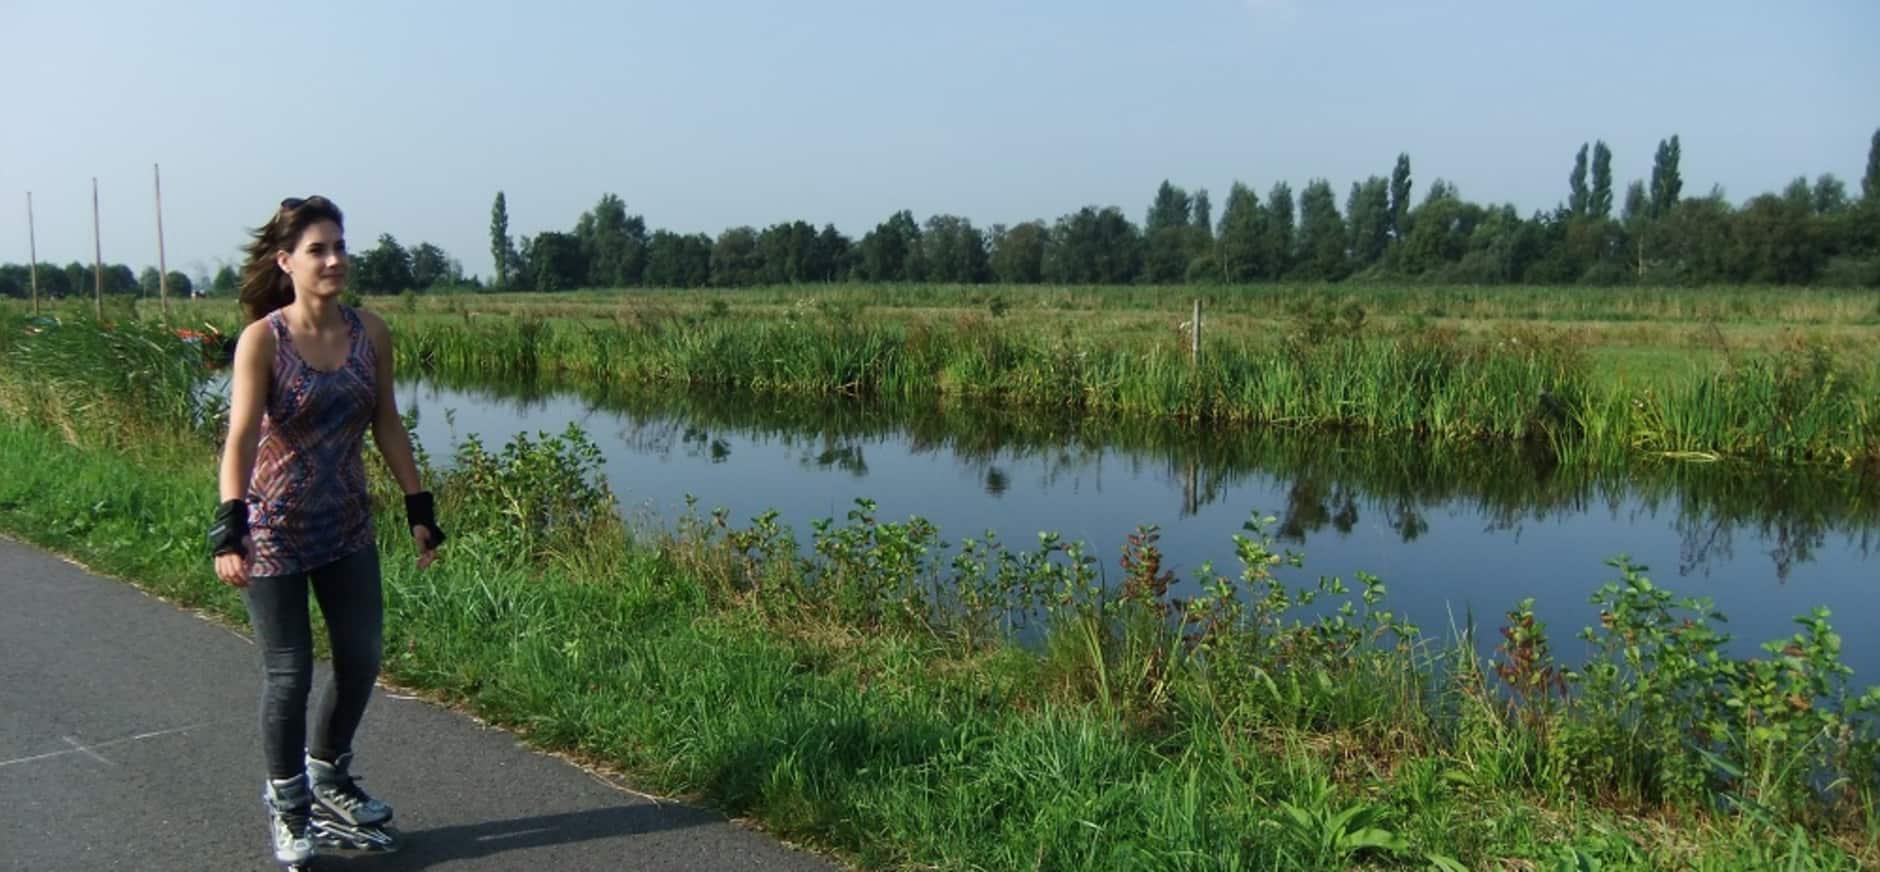 Nieuw: Skeelerroute door Midden-Delfland, bij Rotterdam